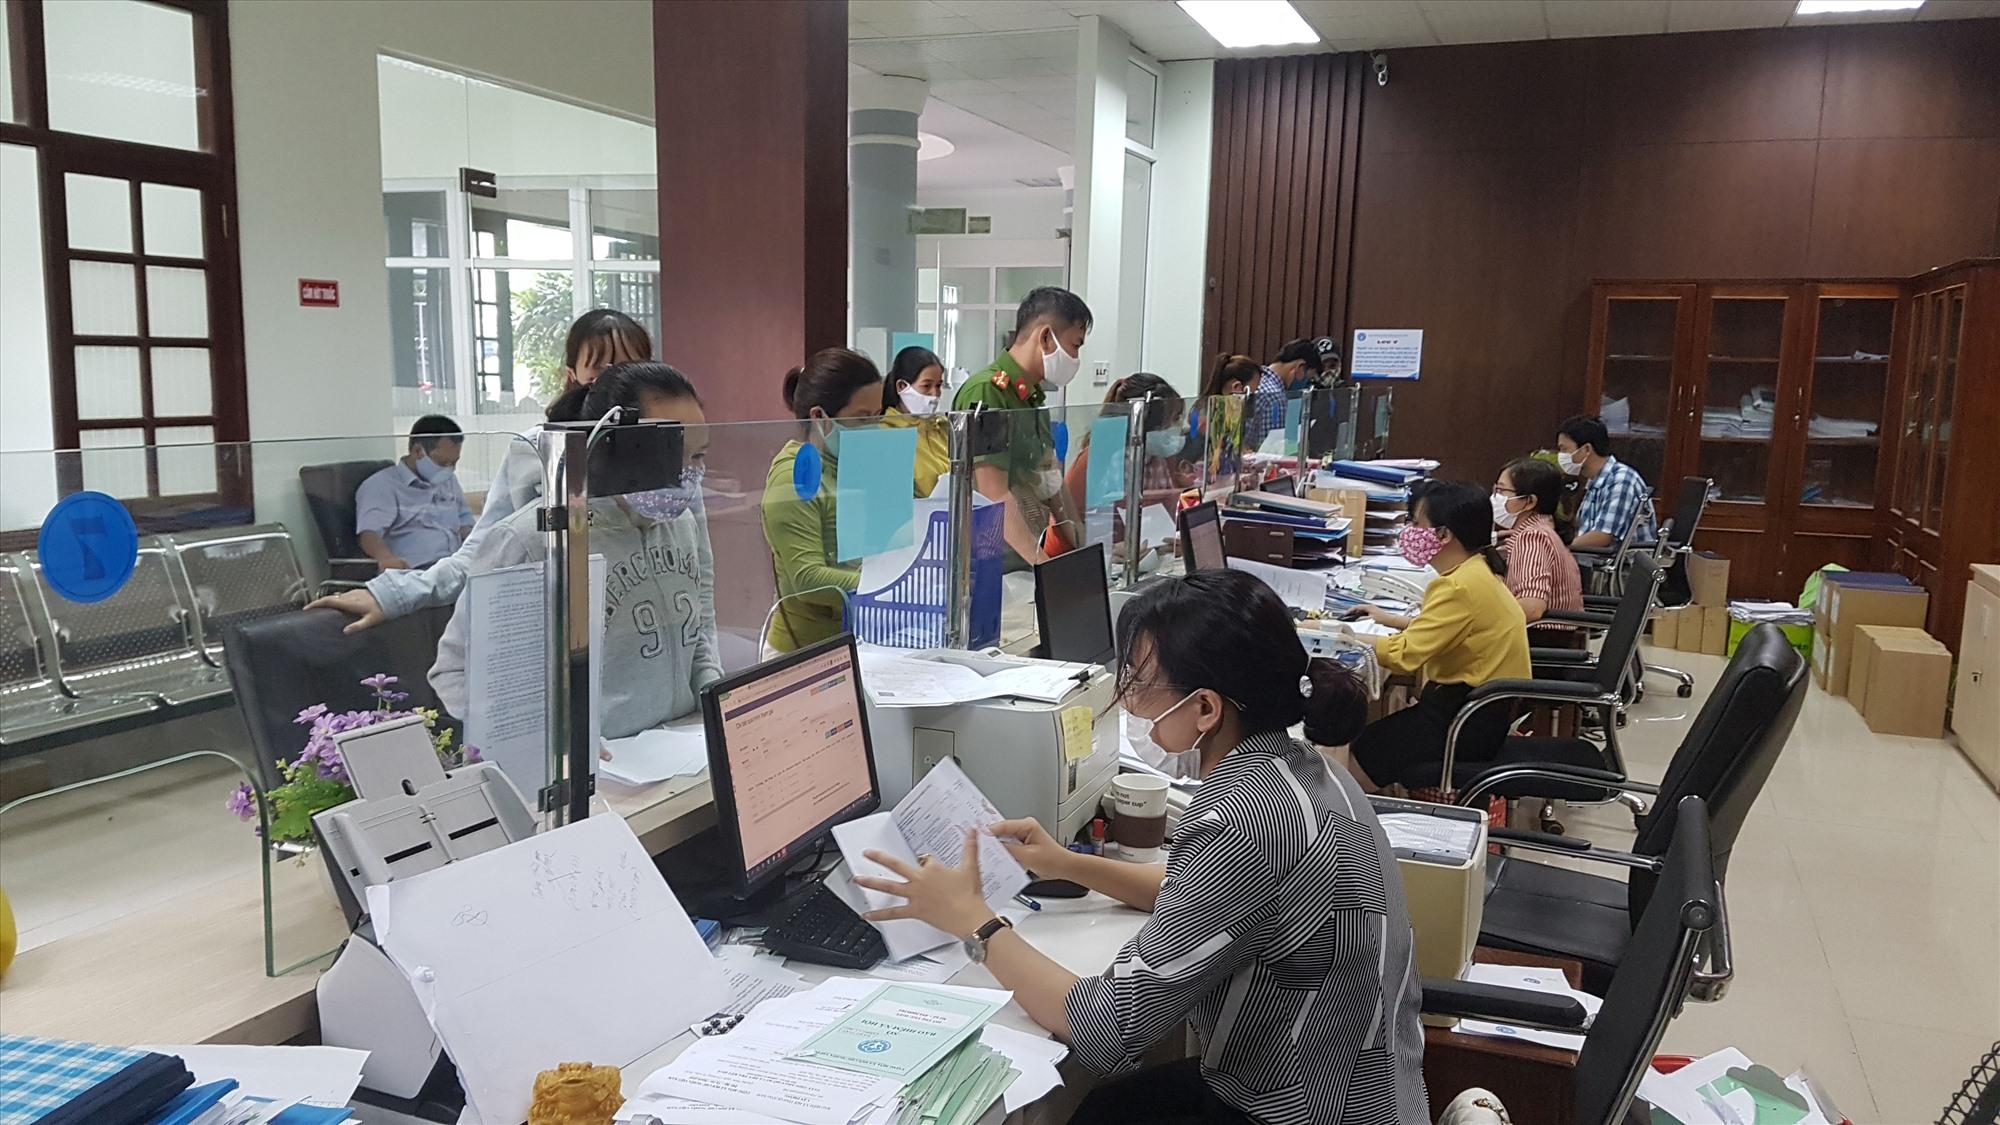 Mỗi đảng viên, cán bộ, công chức BHXH tỉnh tùy vào vị trí công việc sẽ đăng ký thực hiện Chỉ thị 05 phù hợp. Ảnh: D.L